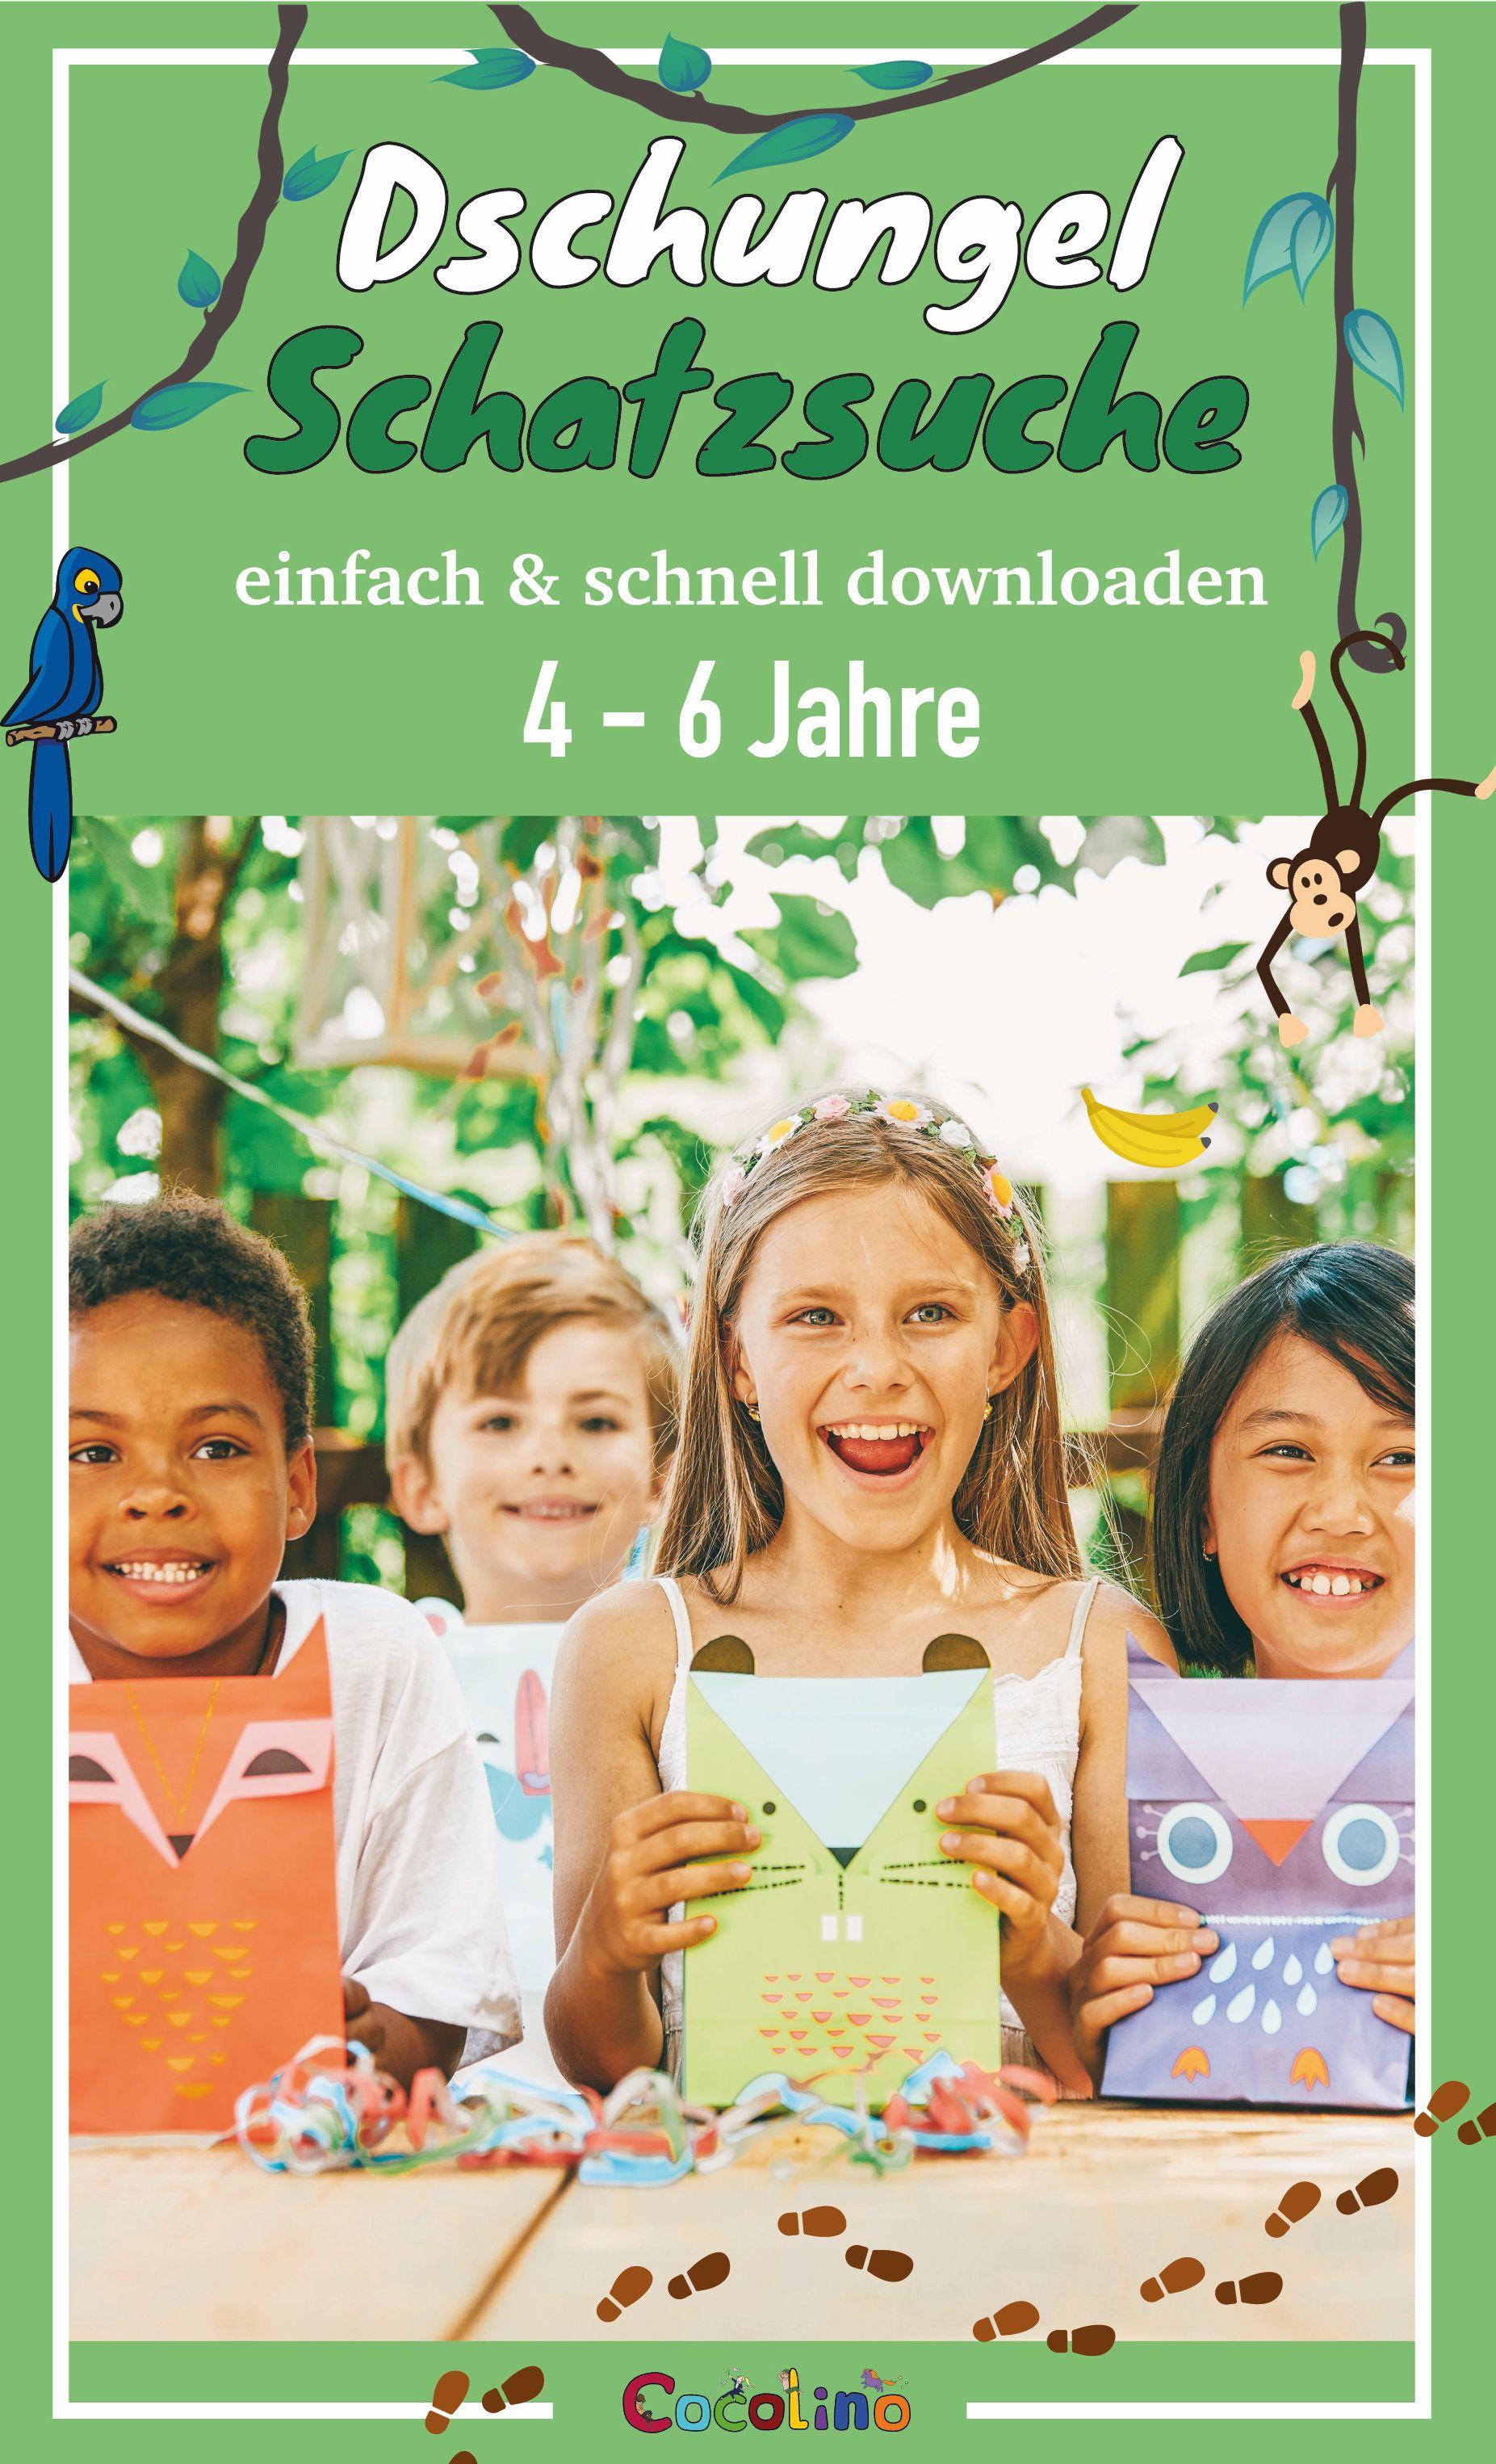 Dschungel Schatzsuche für 4 – 6 Jahre schnell & einfach downloaden